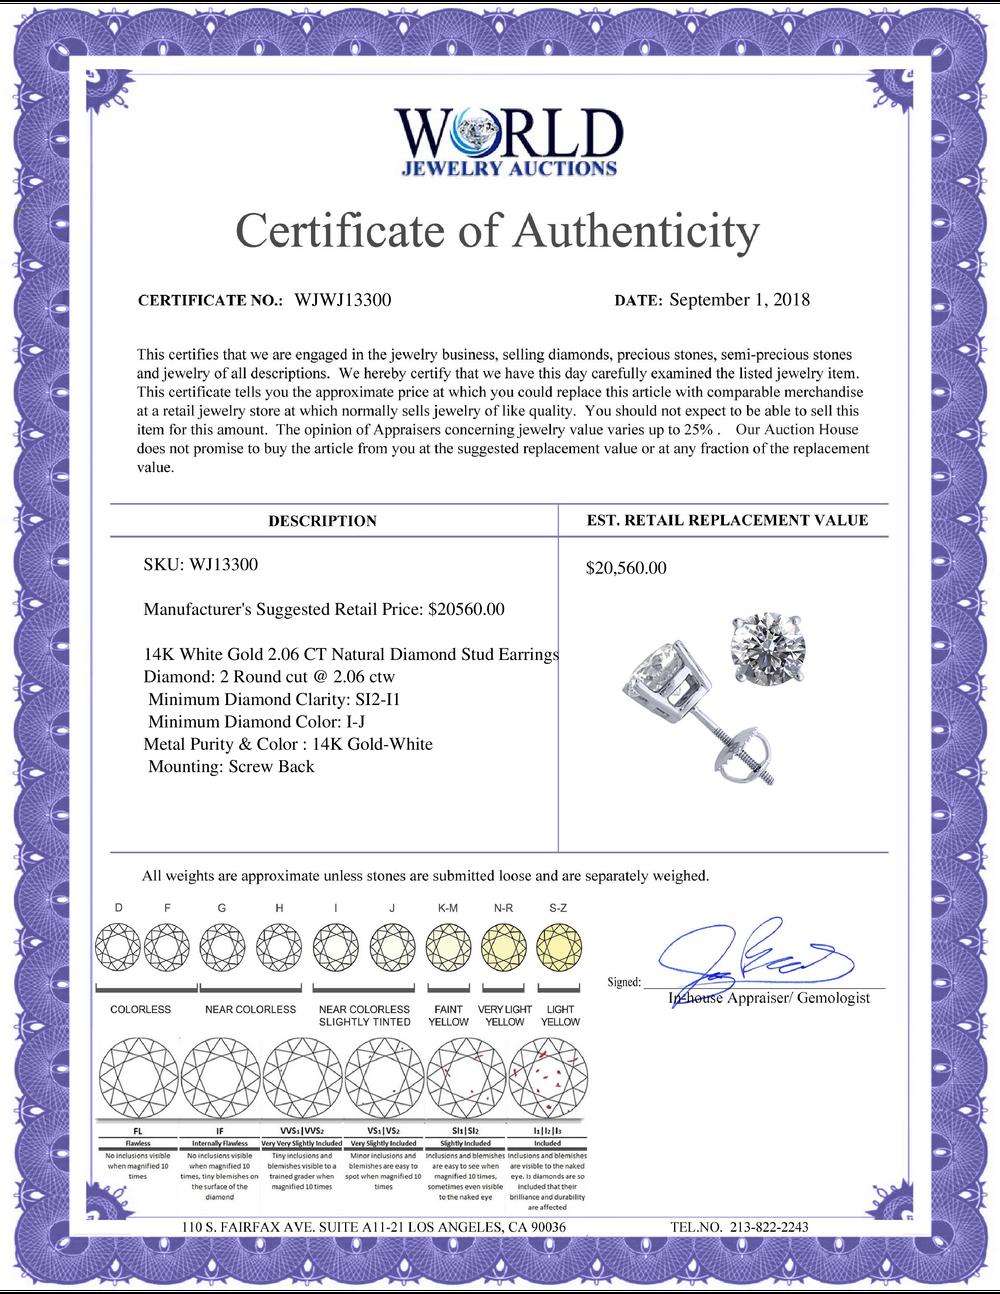 Lot 3116: 14K White Gold 2.06 ctw Natural Diamond Stud Earrings - REF-521H4F-WJ13300